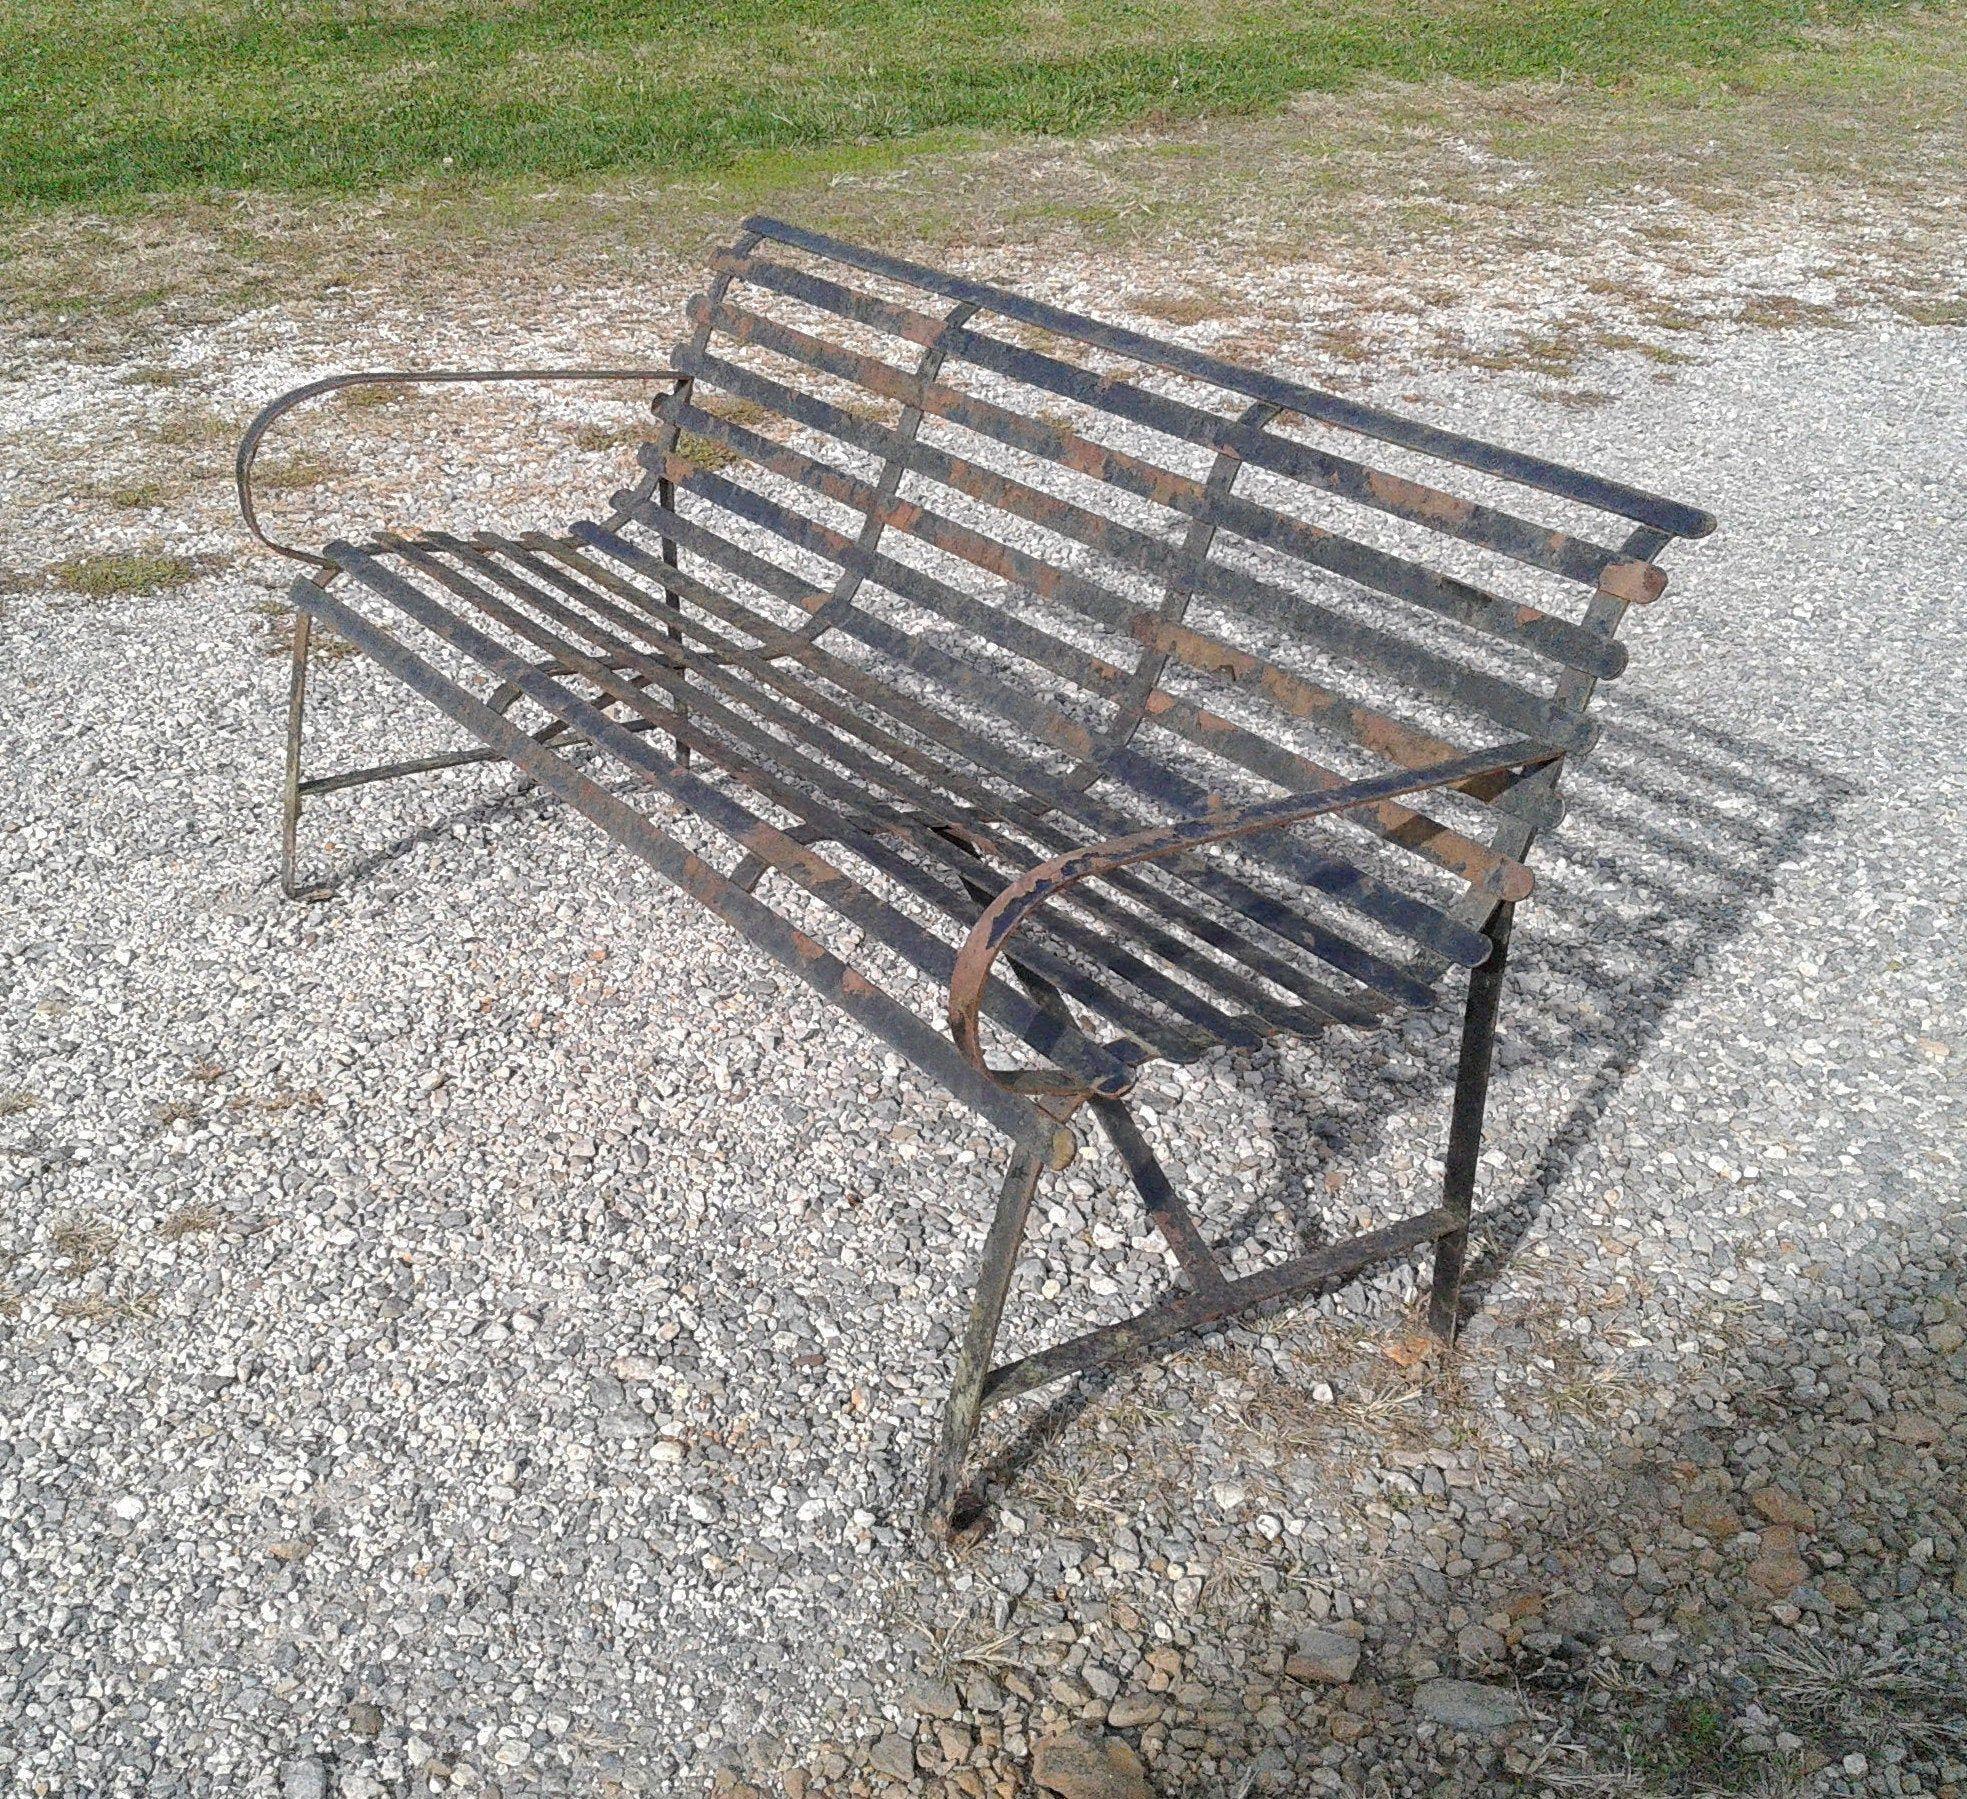 Antique Cast Iron Garden Or Park Bench Black With Slats 1930 Era In 2020 Antique Cast Iron Cast Iron Garden Bench Iron Bench